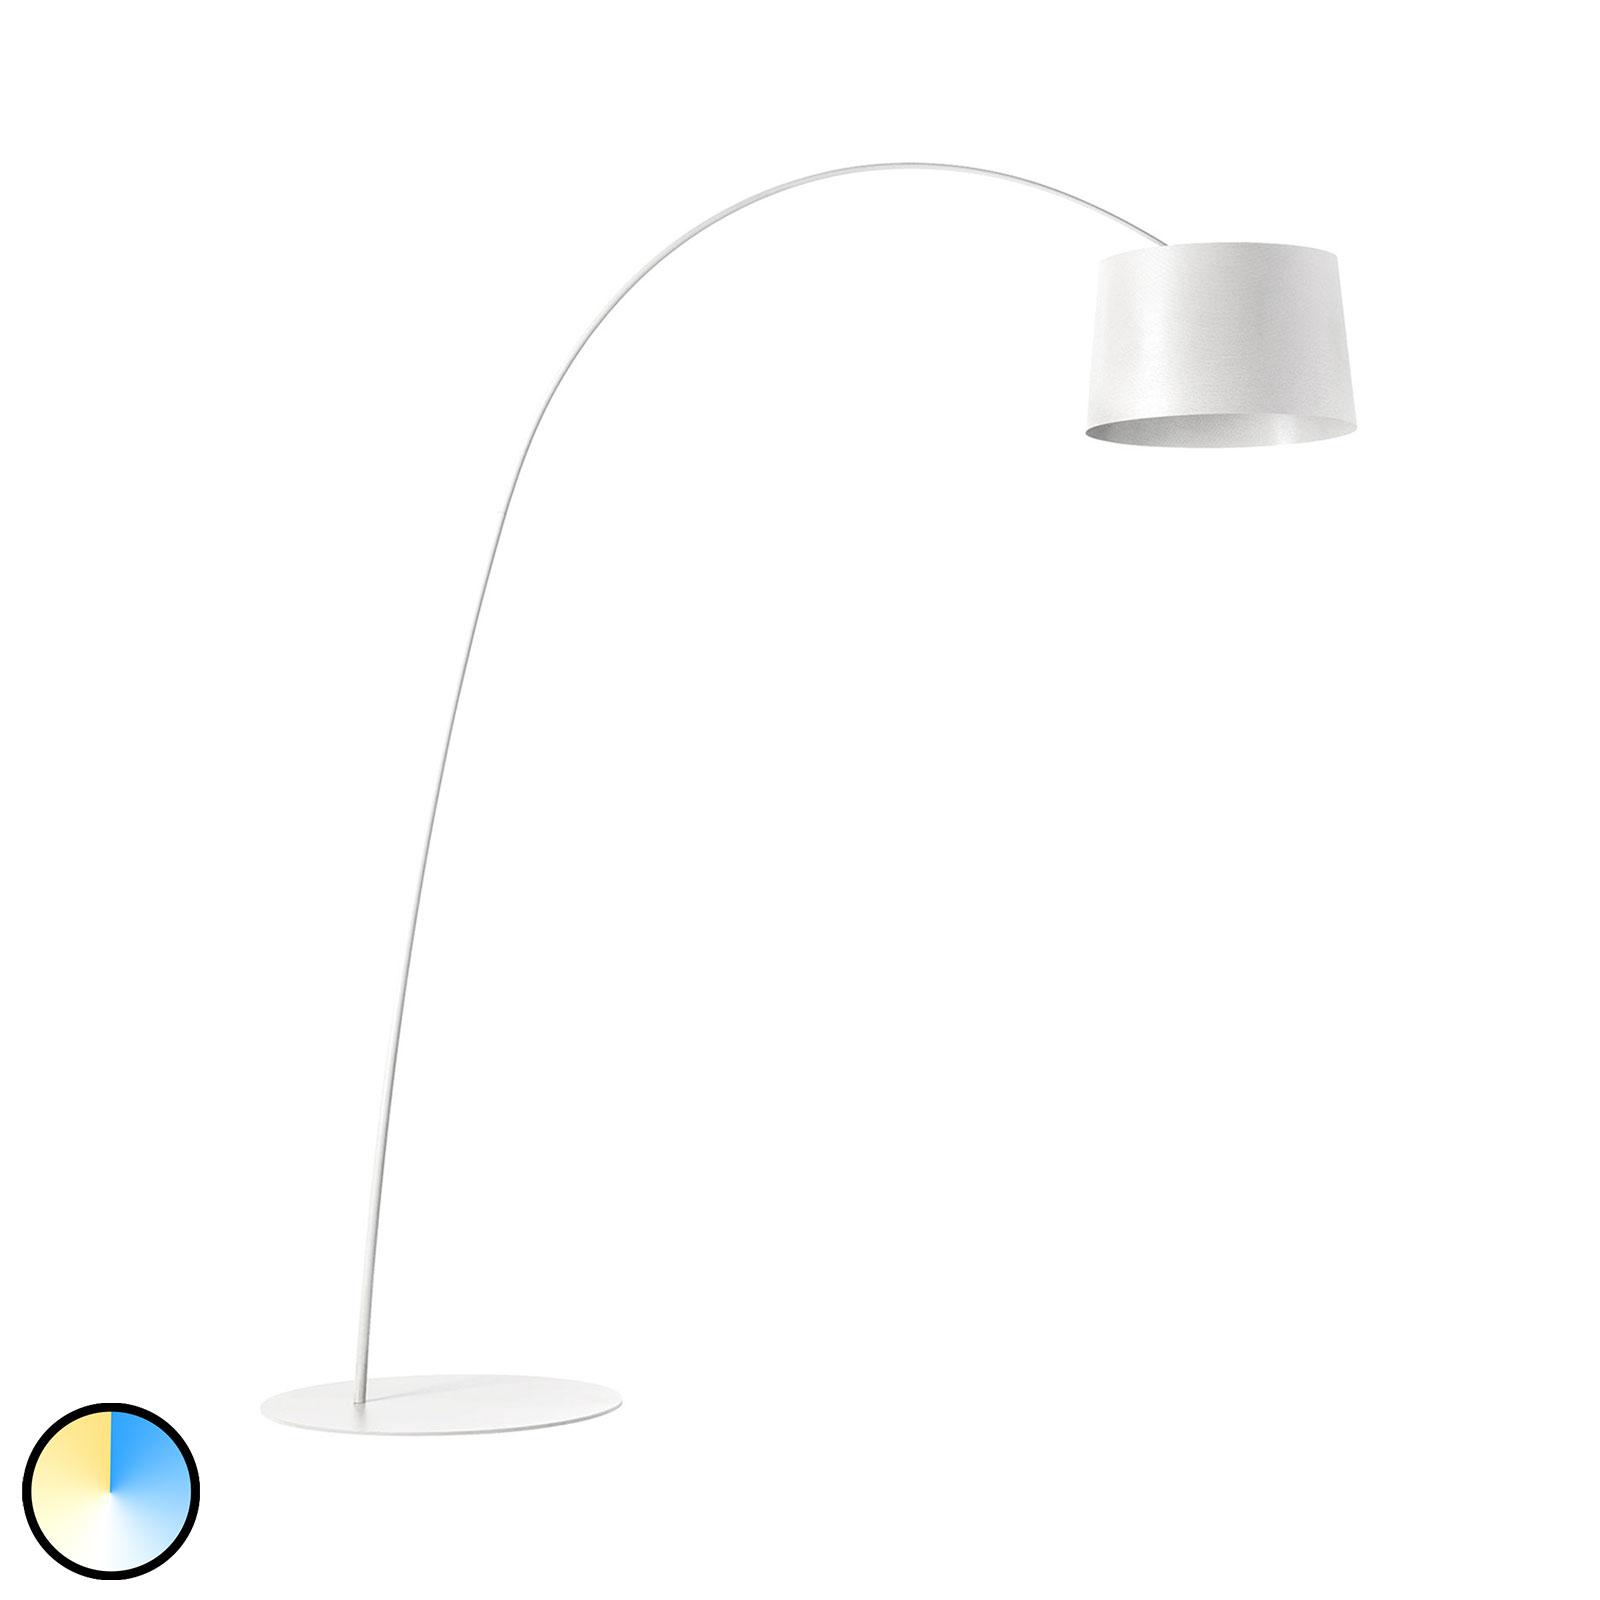 Foscarini MyLight Twiggy LED-Bogenleuchte, weiß